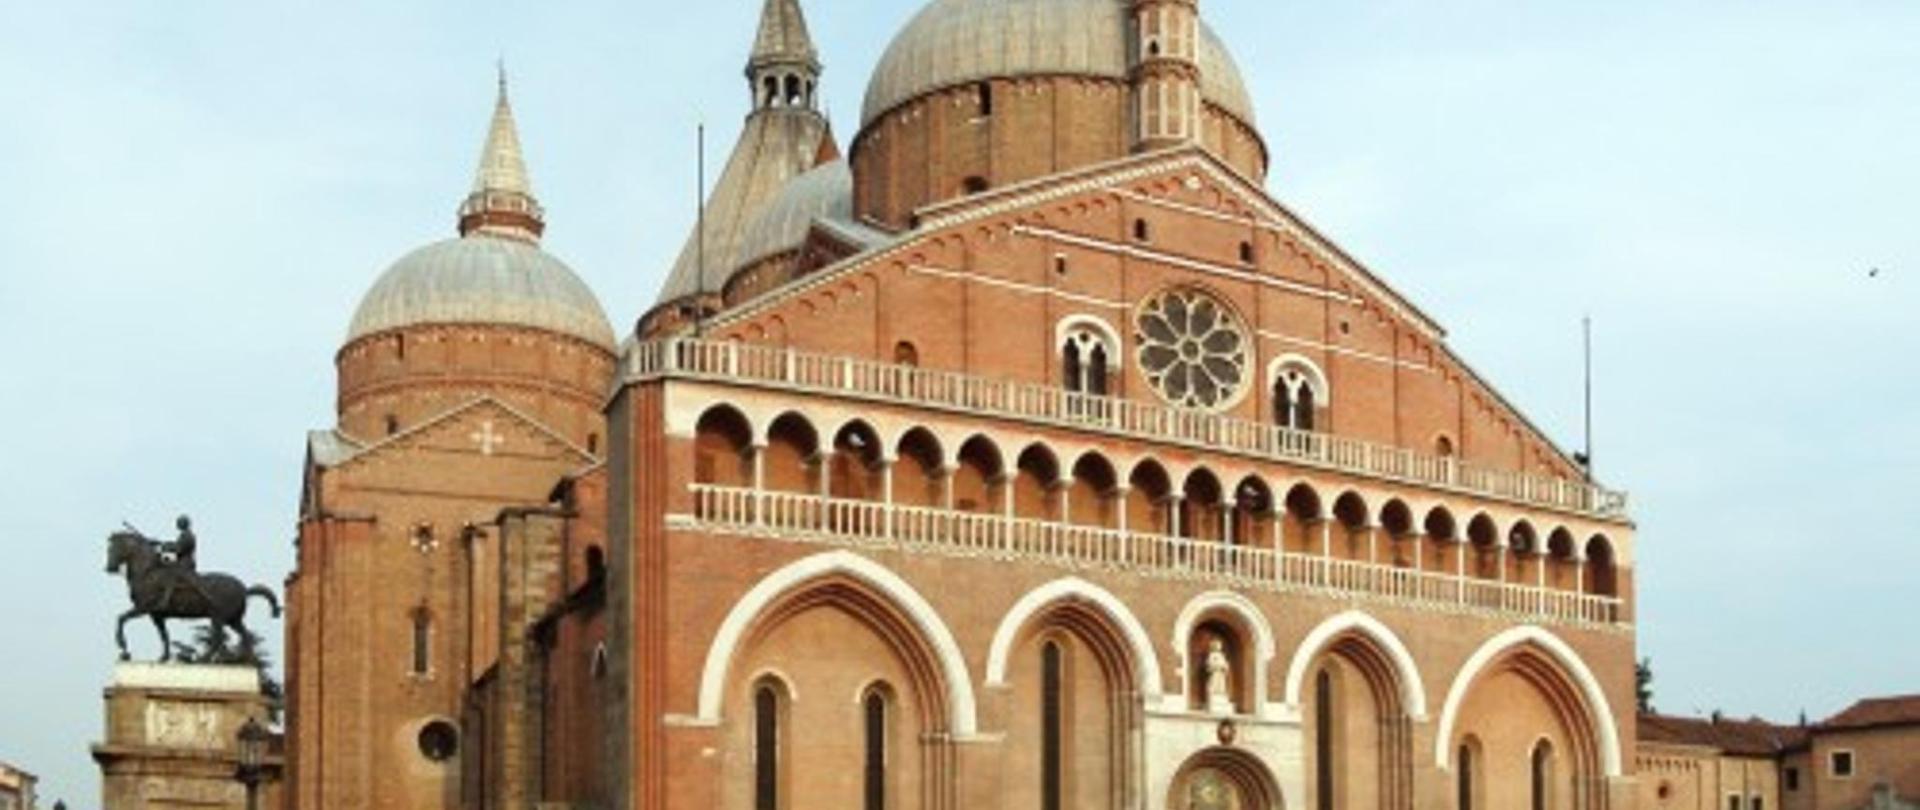 basilica_di_sant27antonio_da_padova.jpg